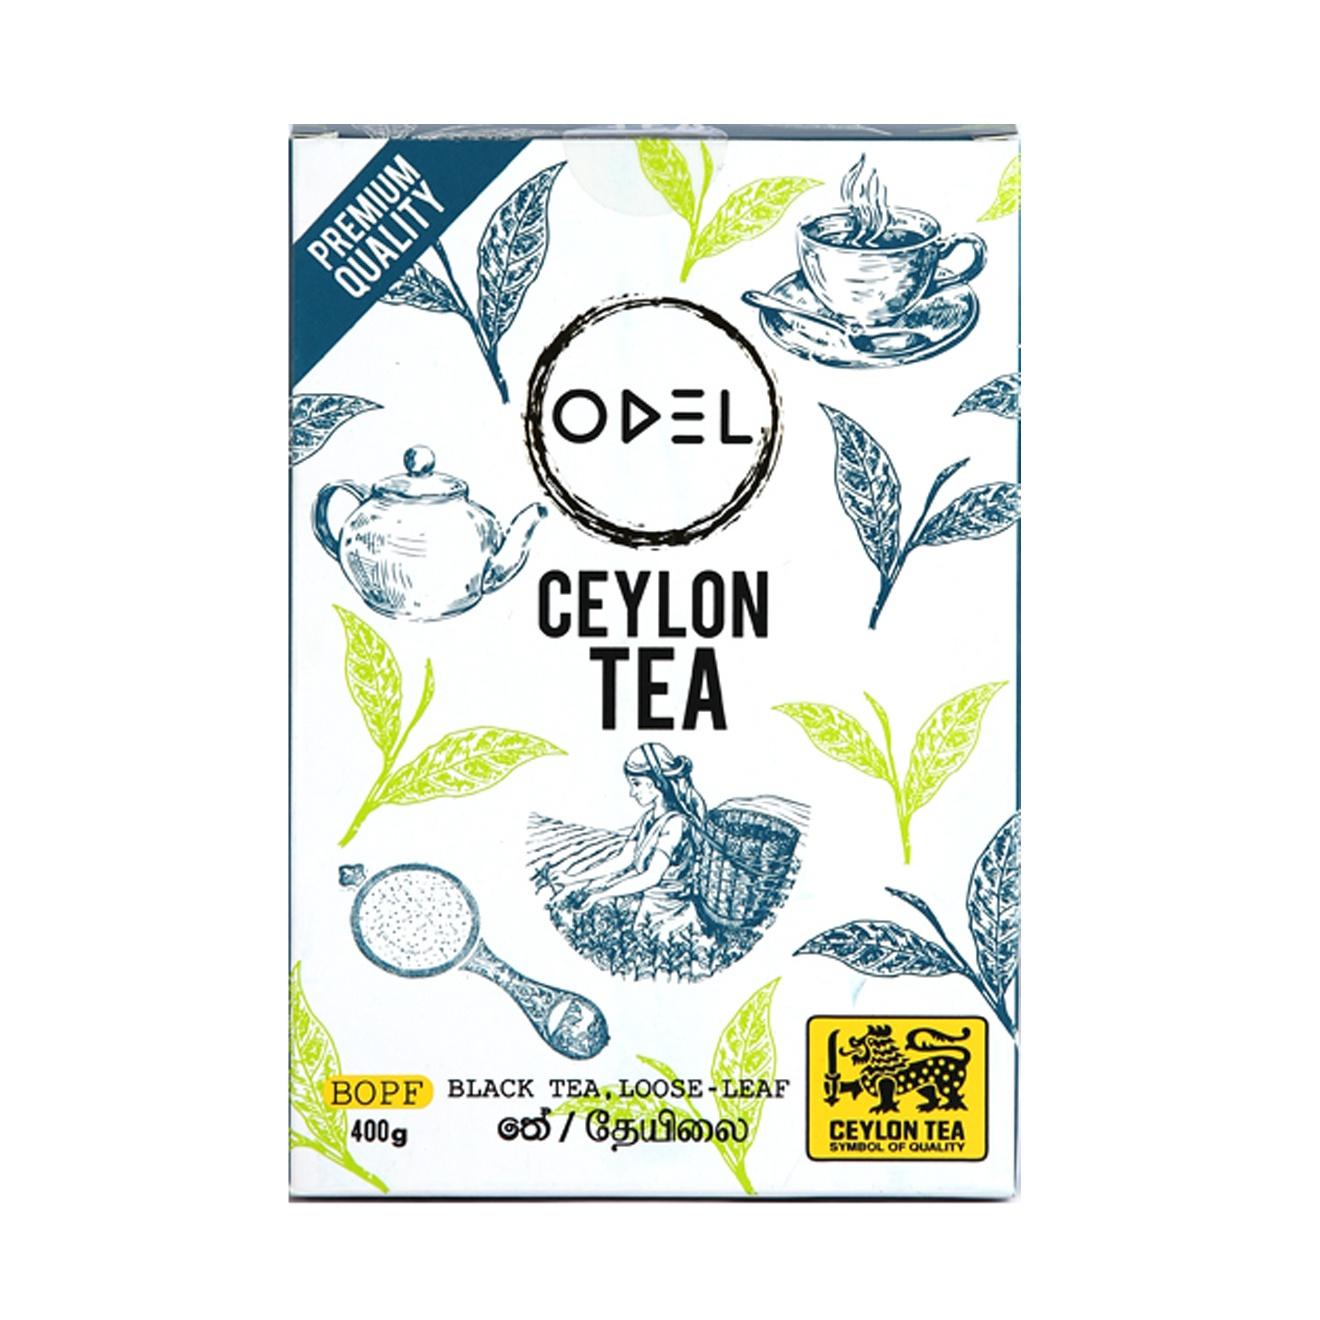 Odel Black Tea Loose Leaf Bopf 400G - in Sri Lanka